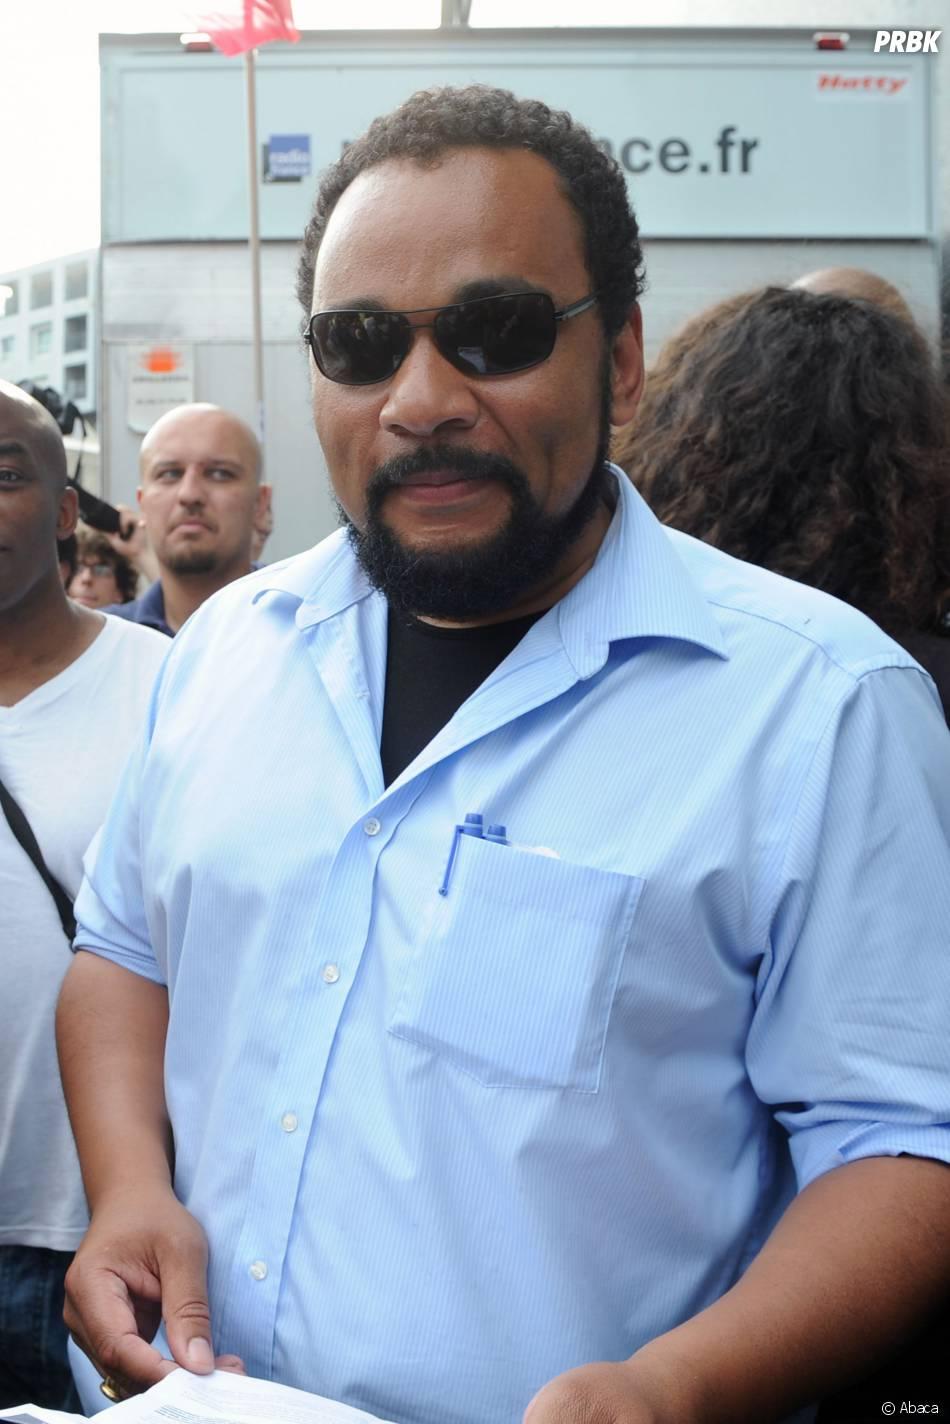 Dieudonné : Bruno Solo condamne l'antisémitisme du polémiste